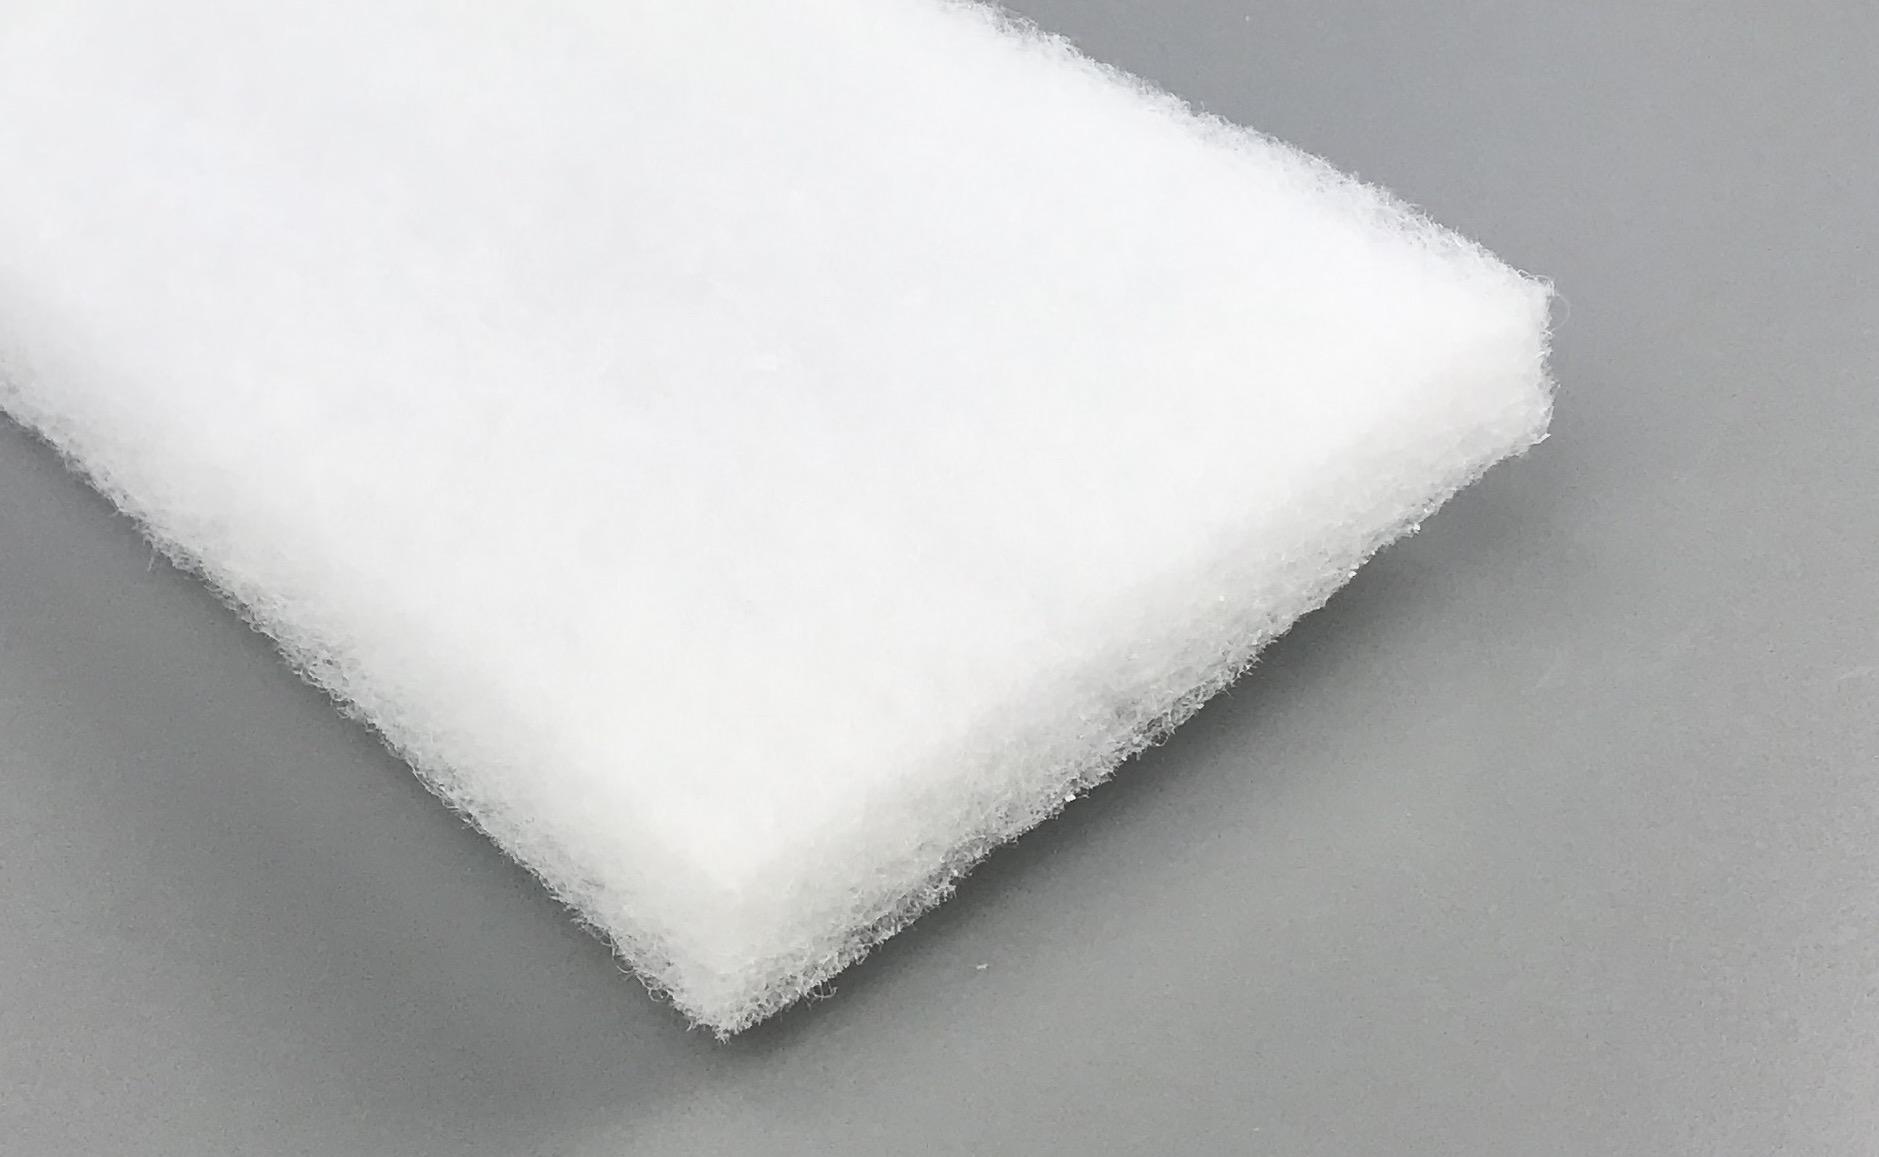 AZOO Filter Sponge - White Filter Media Padding